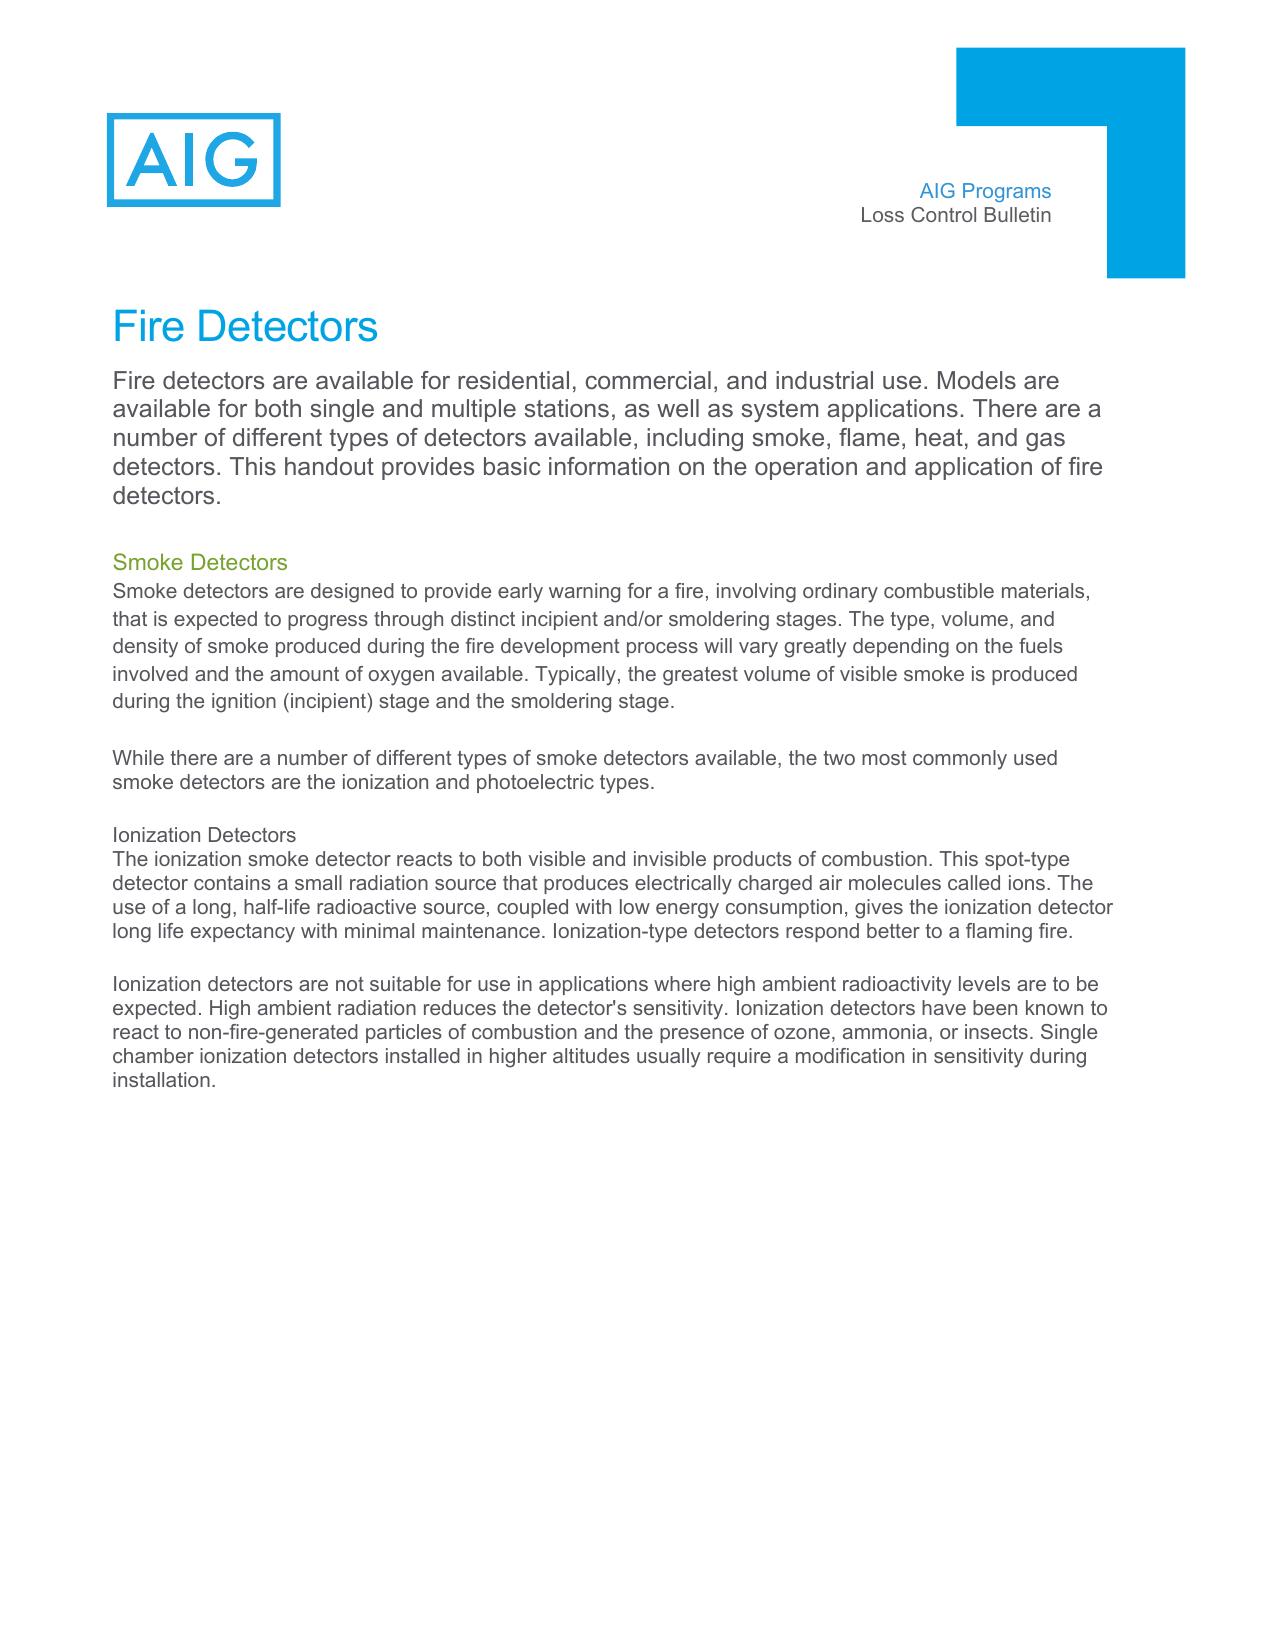 Fire Detectors Manualzz